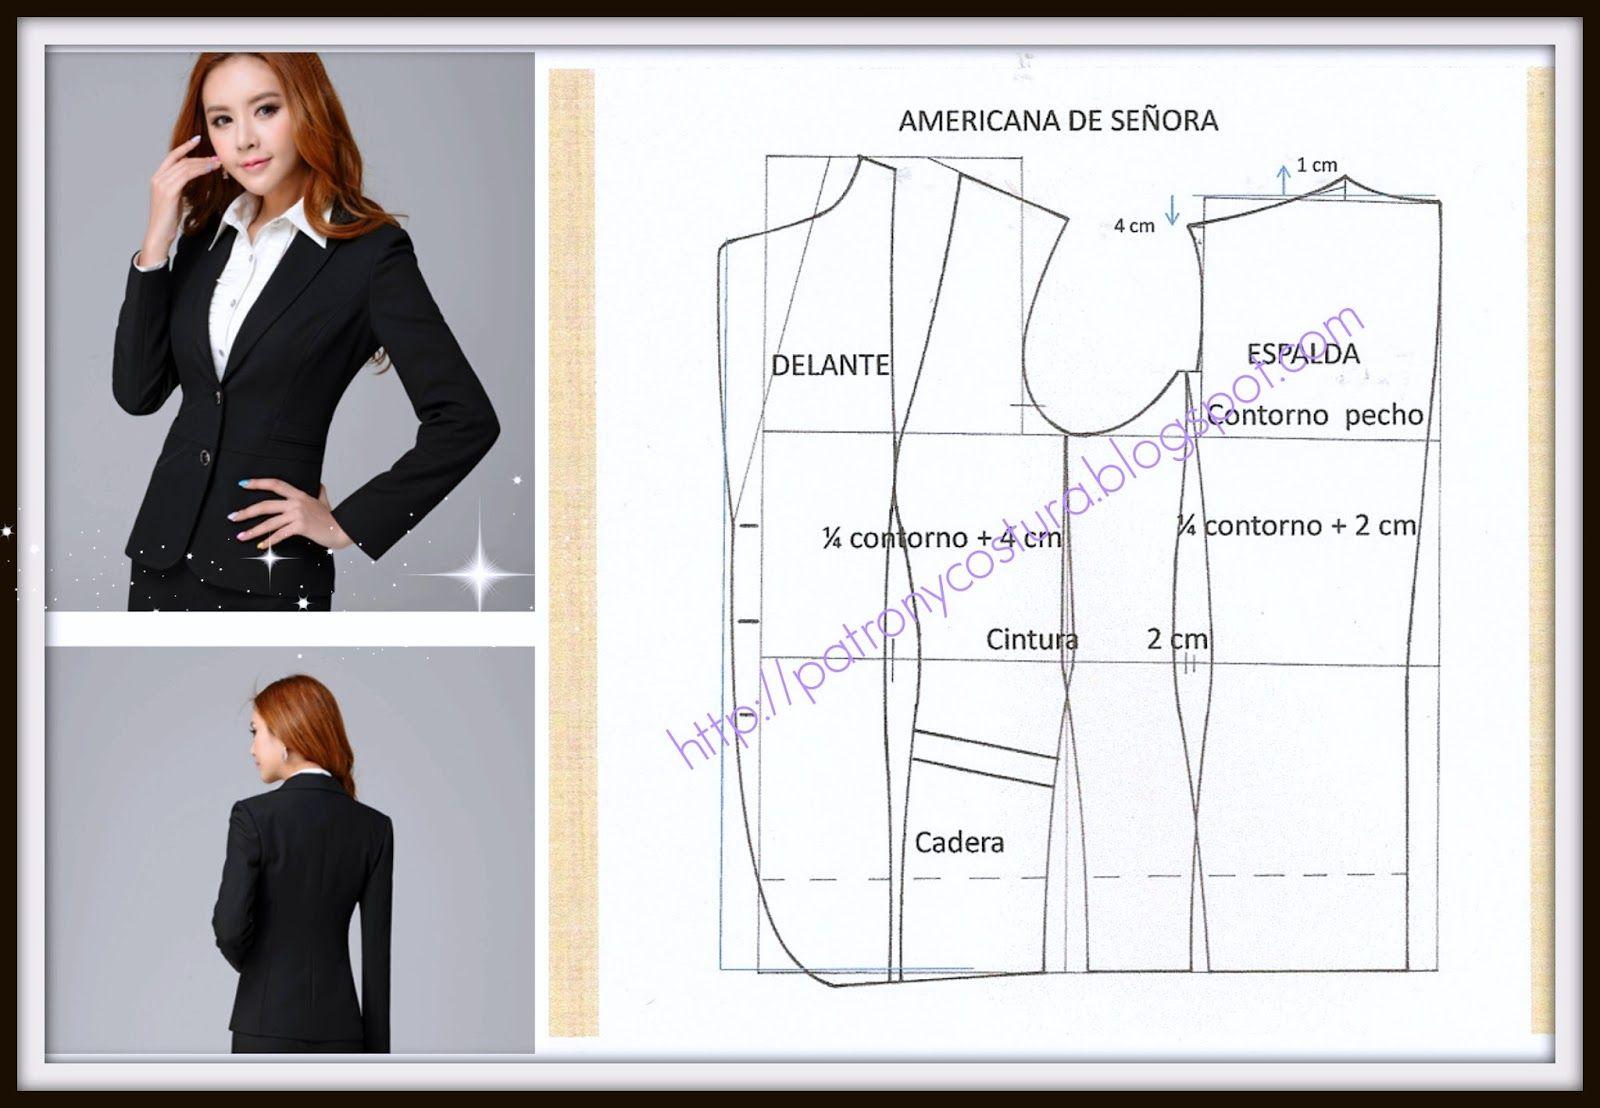 chaqueta americana de señora-tema 72 (PATRÓN Y COSTURA) | Vestidos ...